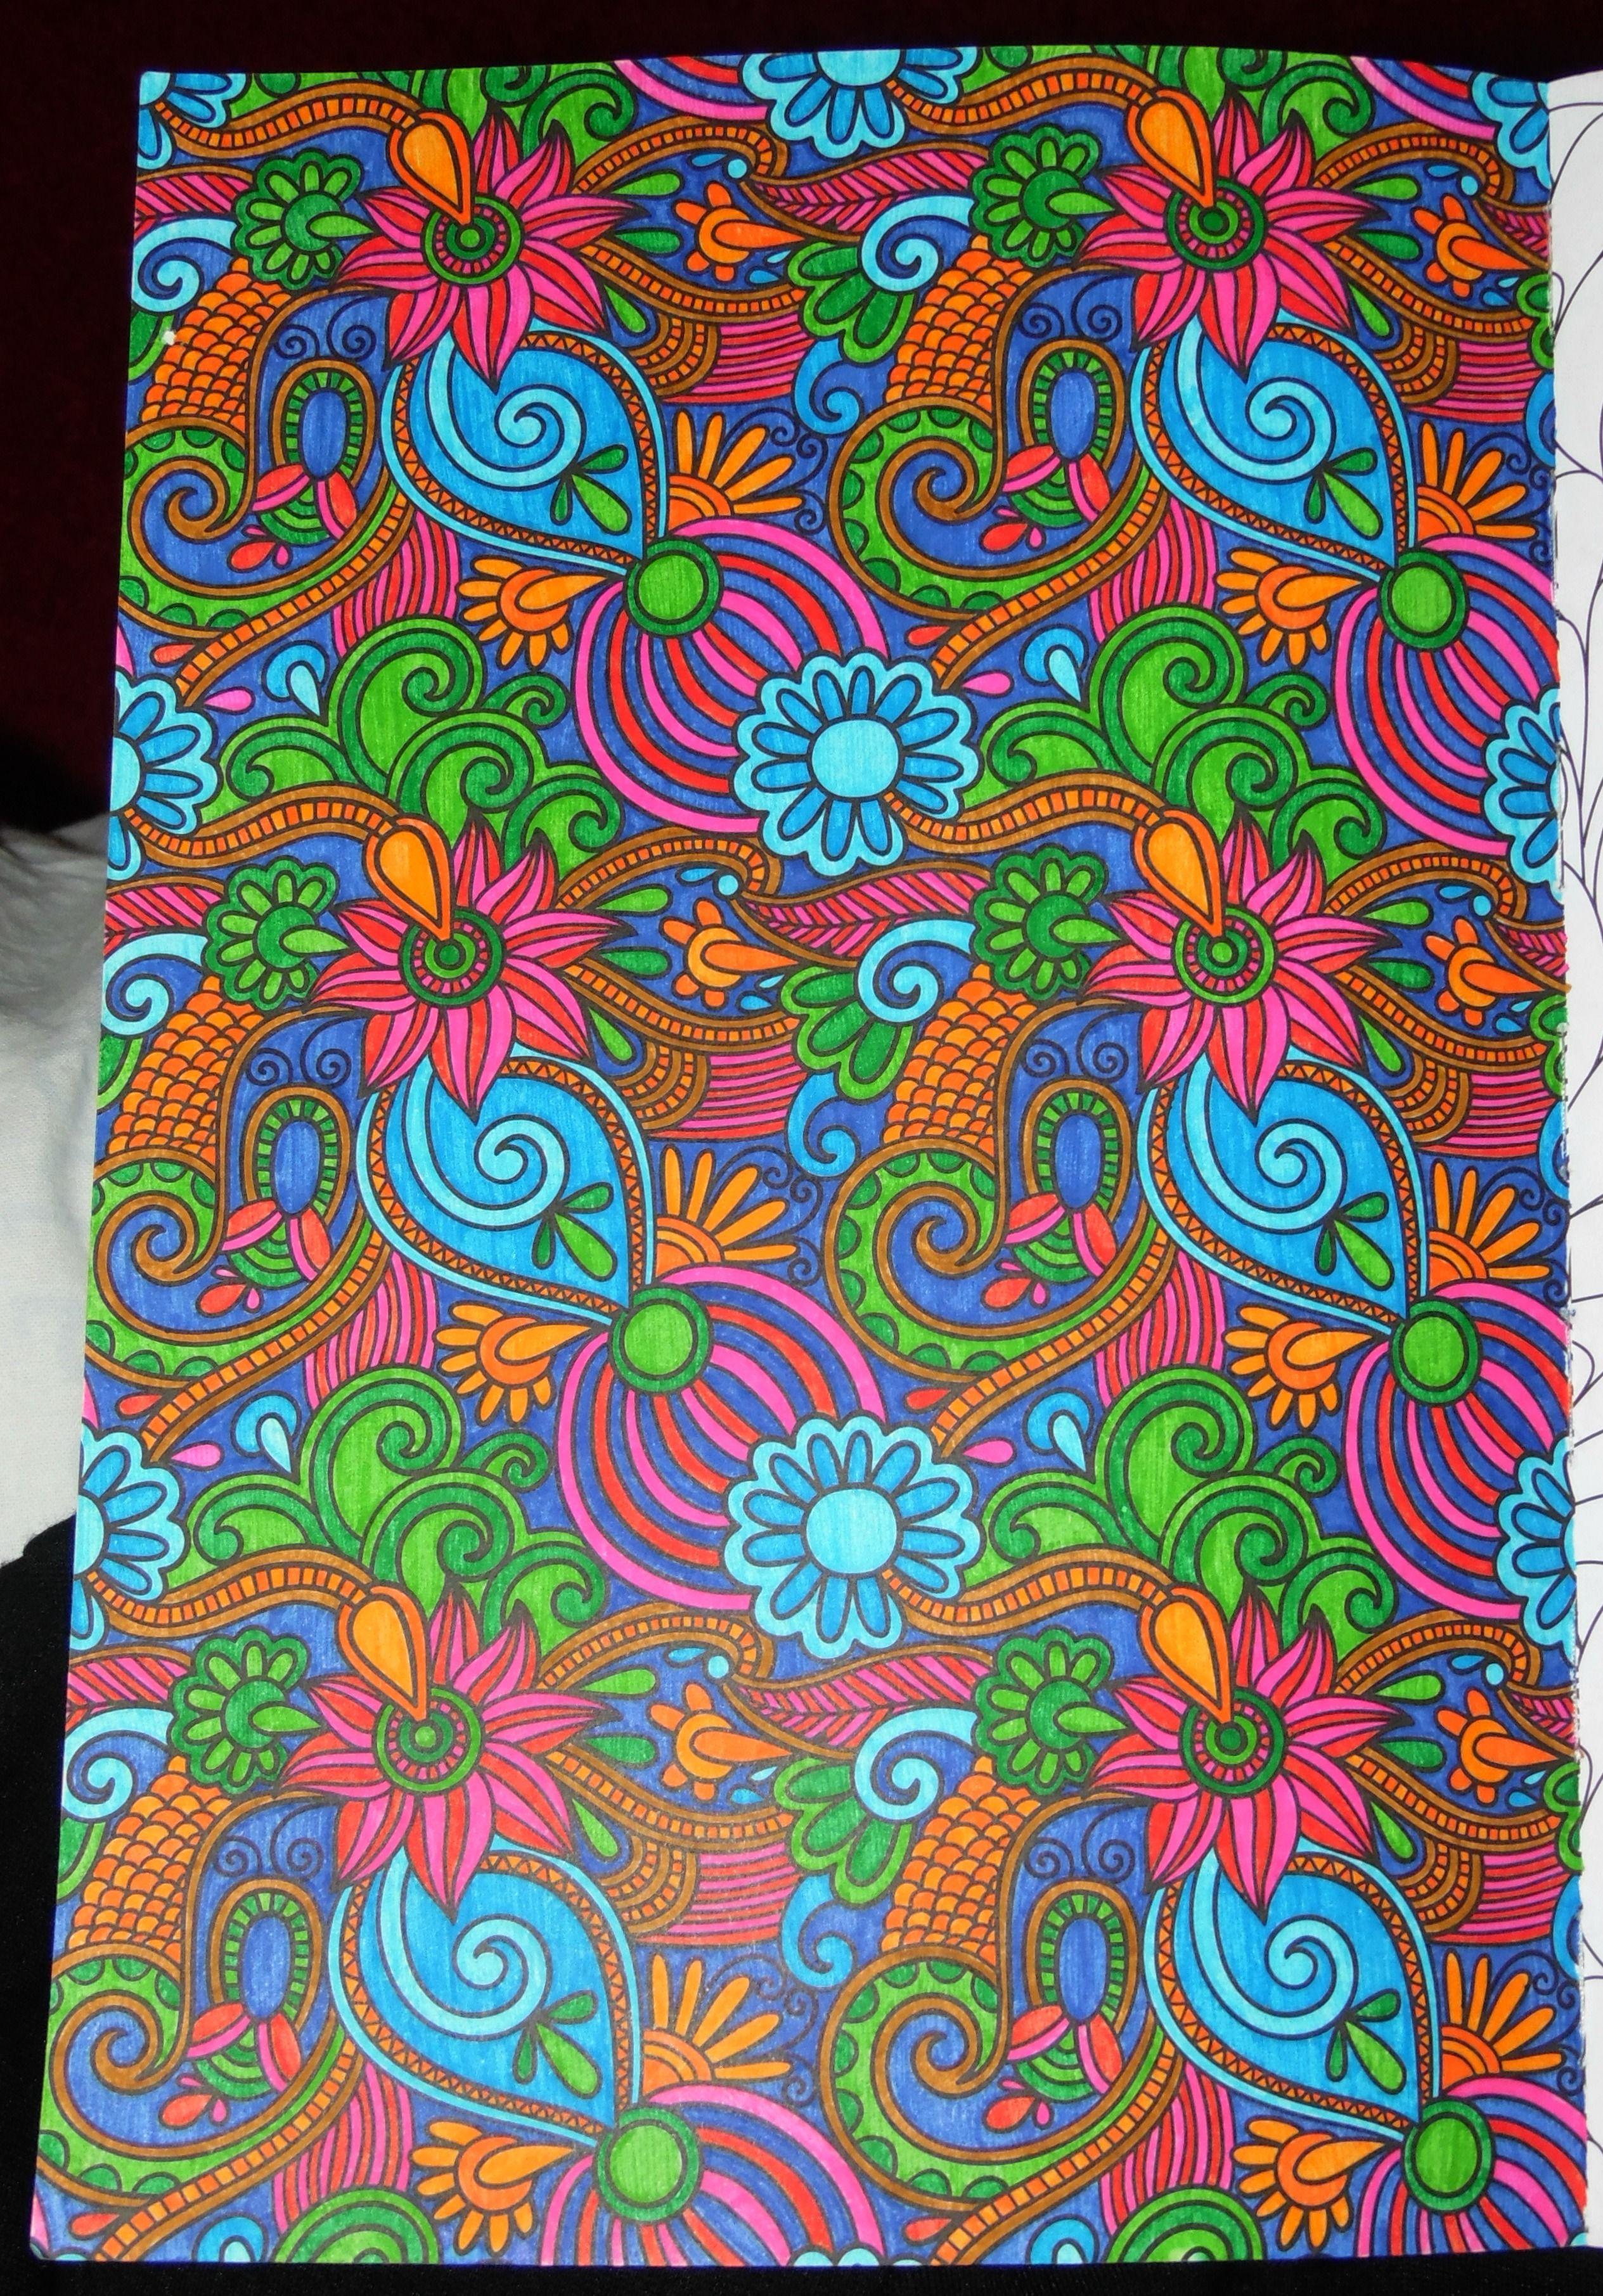 Het Enige Echte Kleurboek Voor Volwassenen Deel 1 Kleurboek Kleuren Kleurplaten Voor Volwassenen